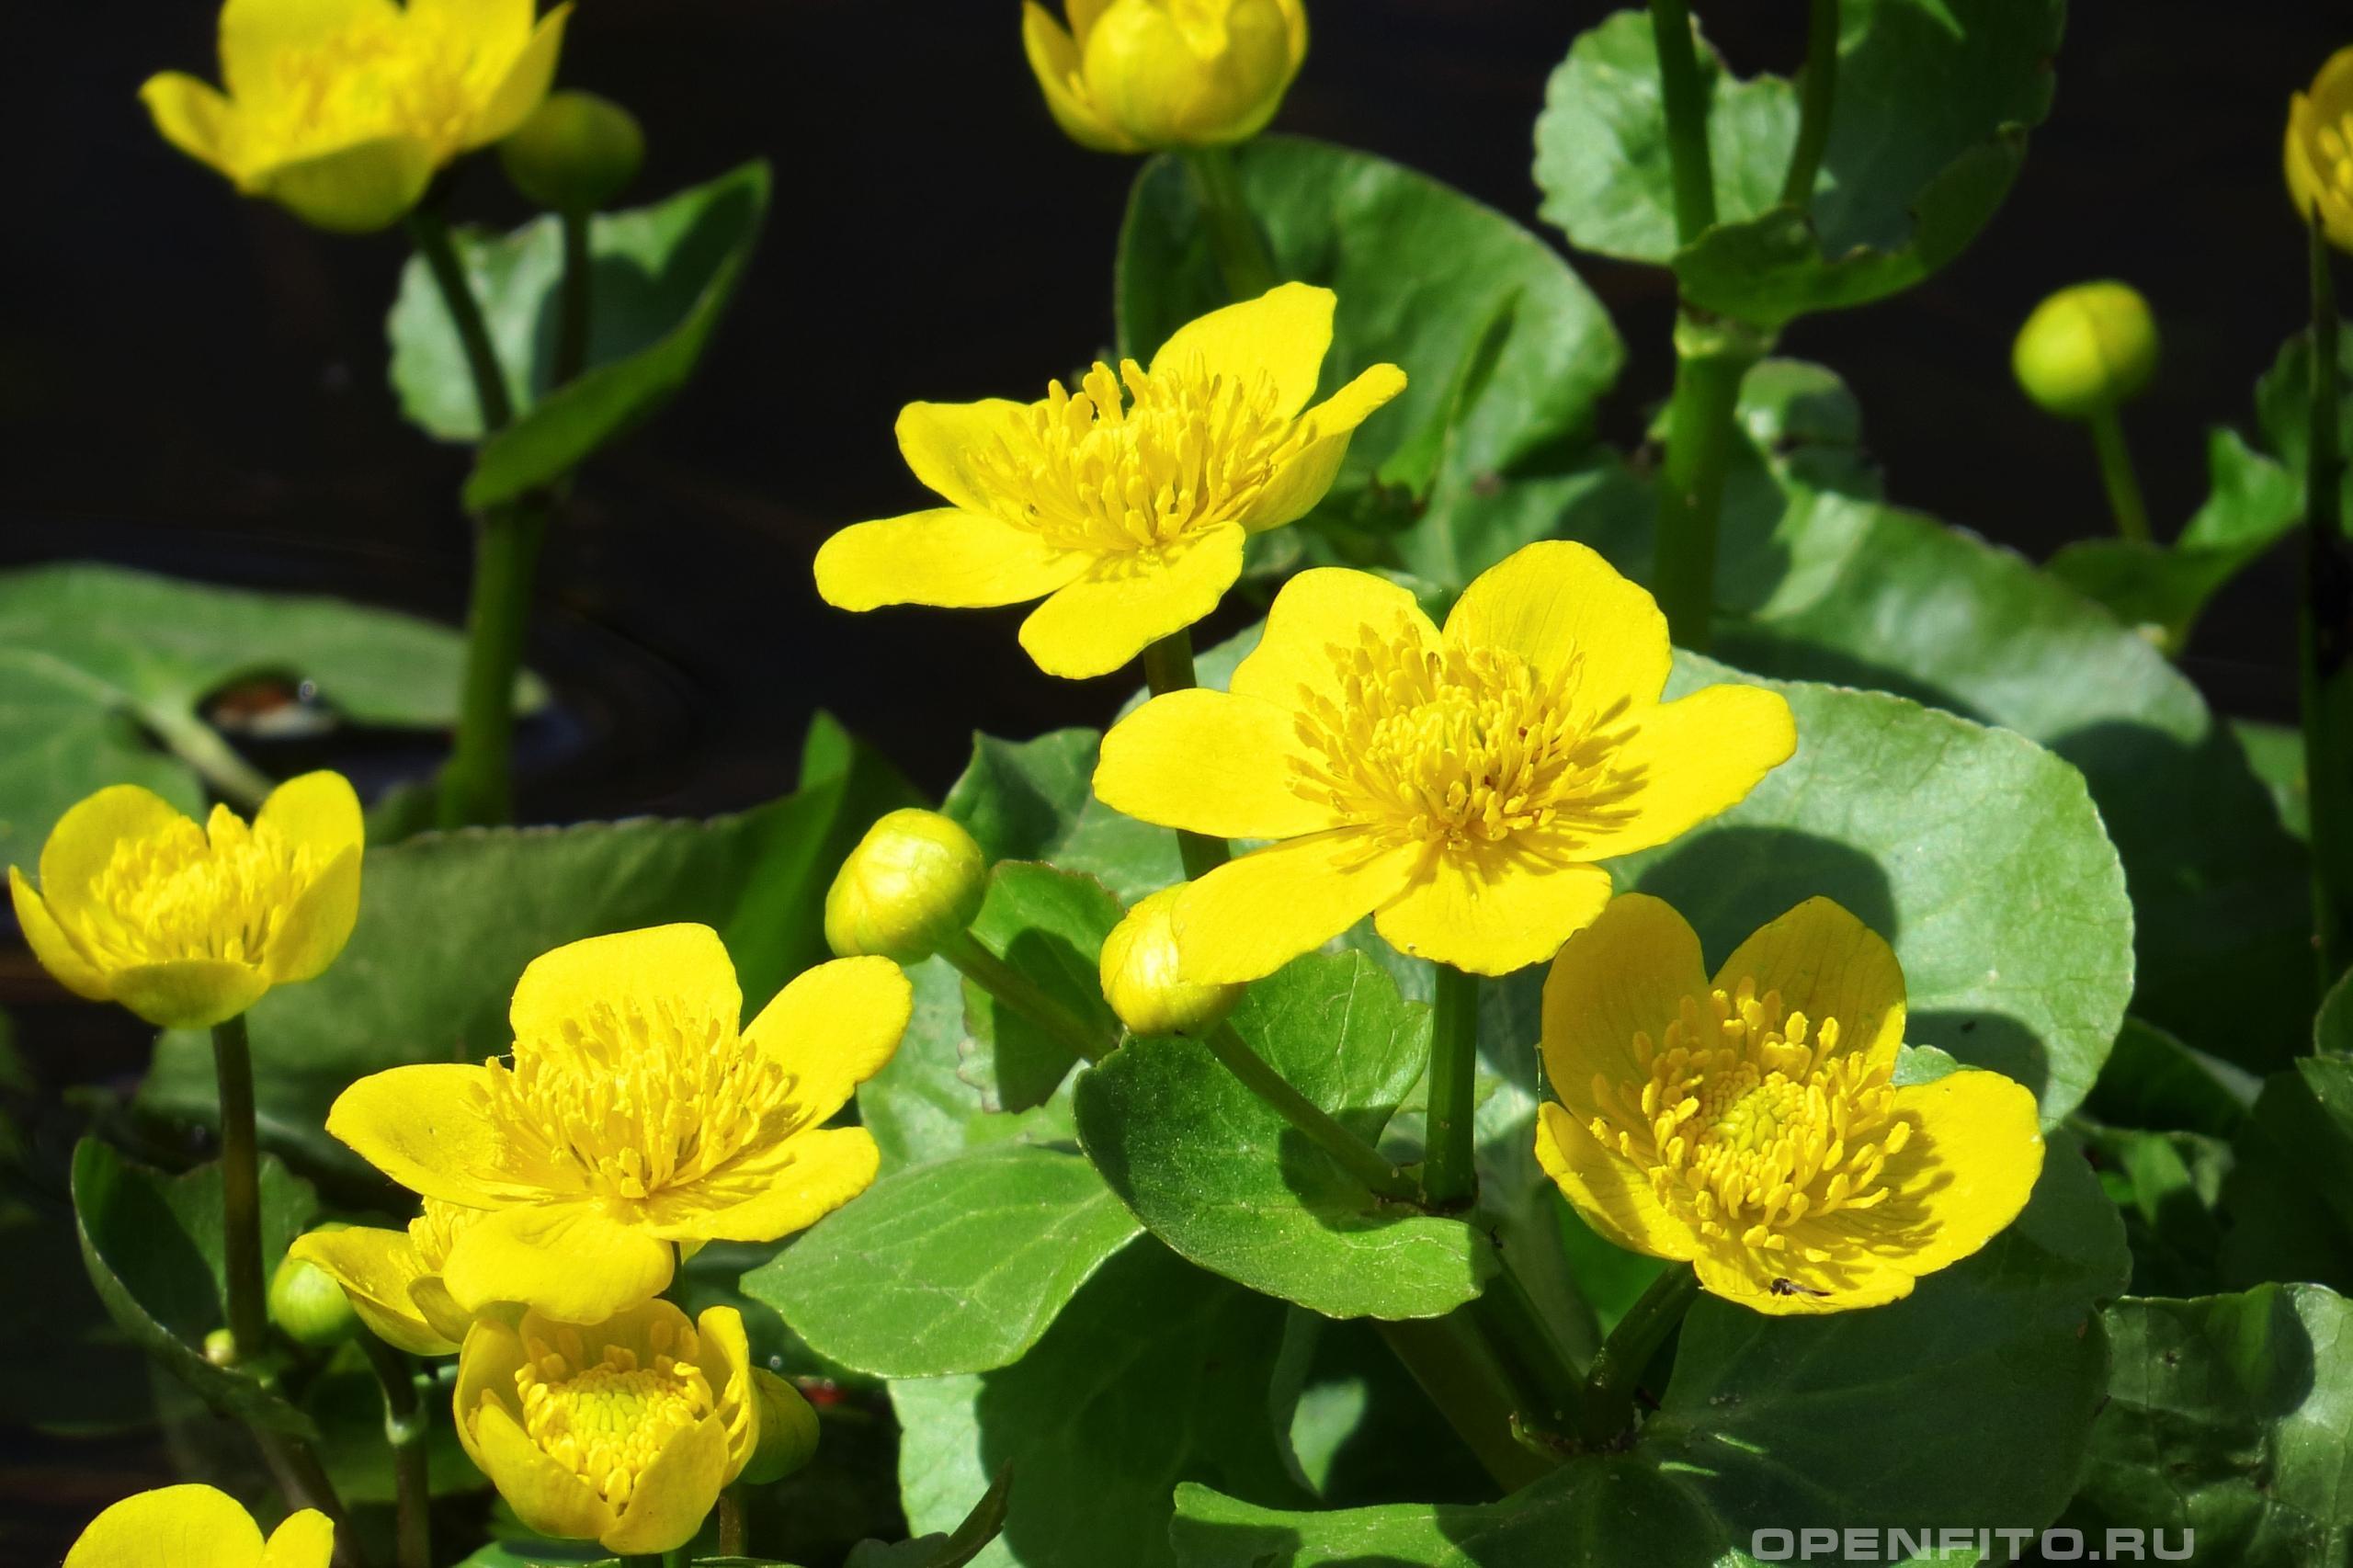 цветок калужница картинки состоит переработанного